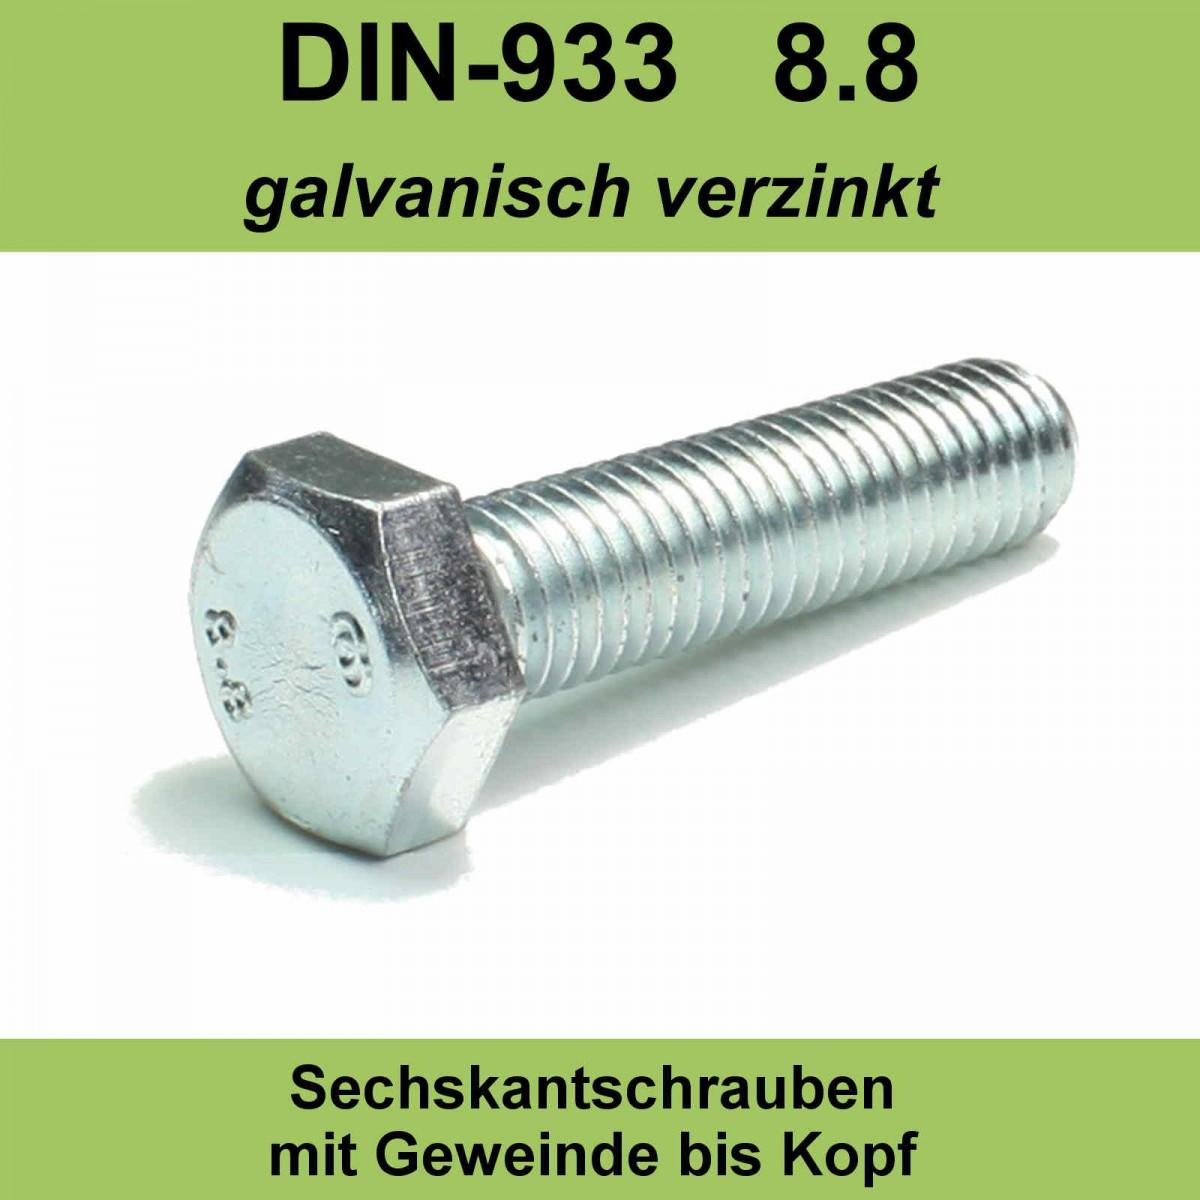 m6 din 933 8.8 sechskant schrauben verzinkte maschinen